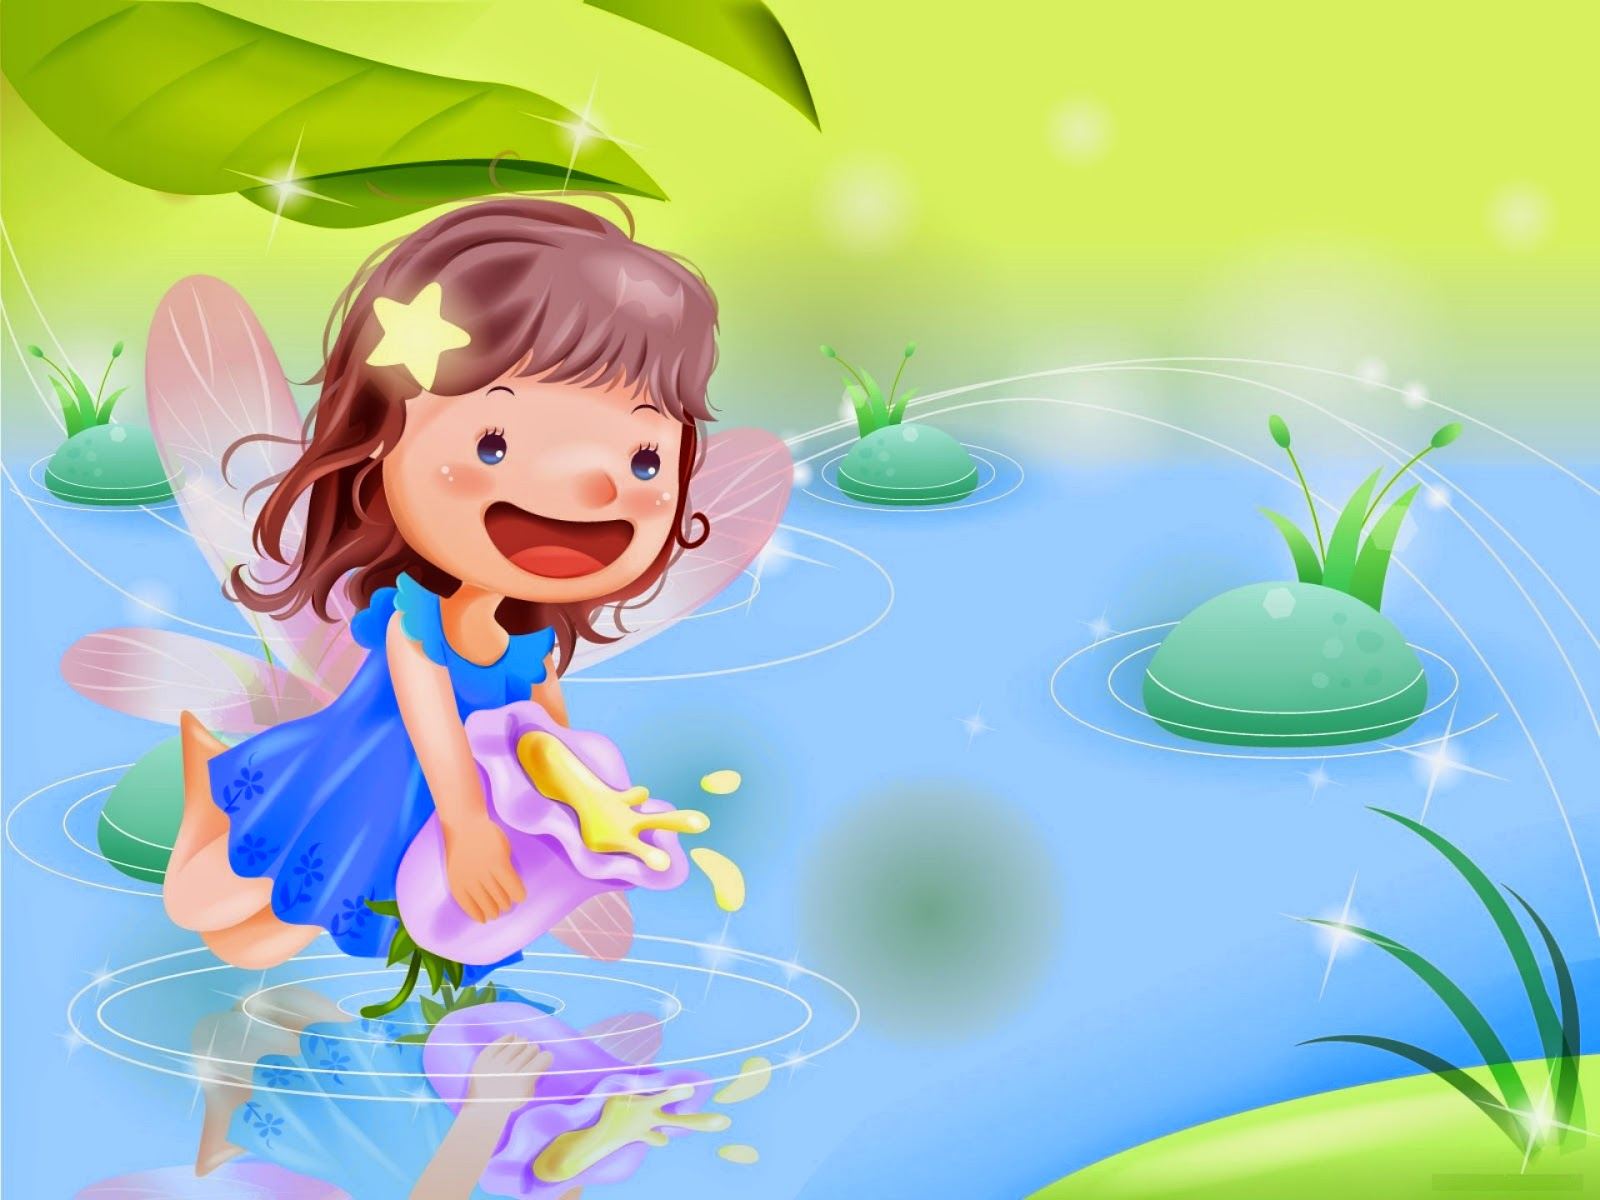 Wallpaper download cartoon - Cool Cartoon High Resolution Wallpaper Download Cartoon Images